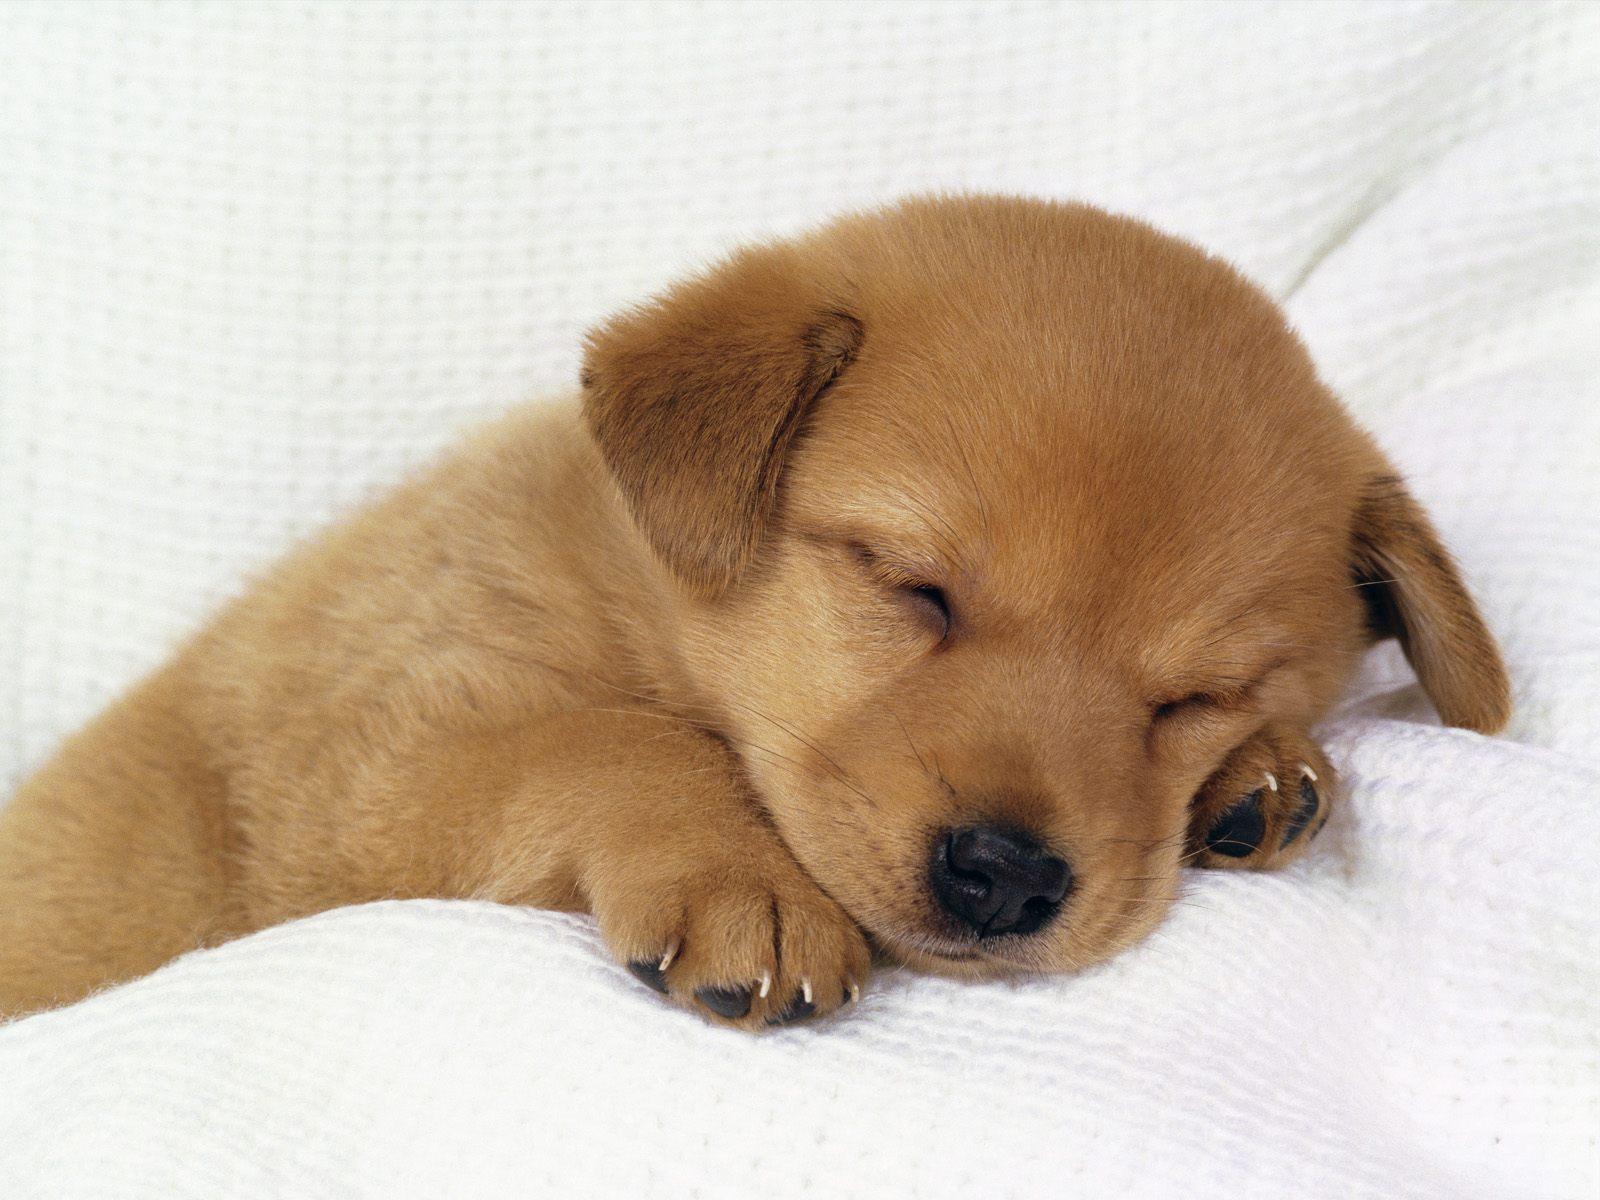 http://4.bp.blogspot.com/-gqegtMaCCLg/T_pe3BtdCiI/AAAAAAAAESc/k5Oww3mra4Q/s1600/Beautiful+dog+hd+Wallpapers_4.jpeg